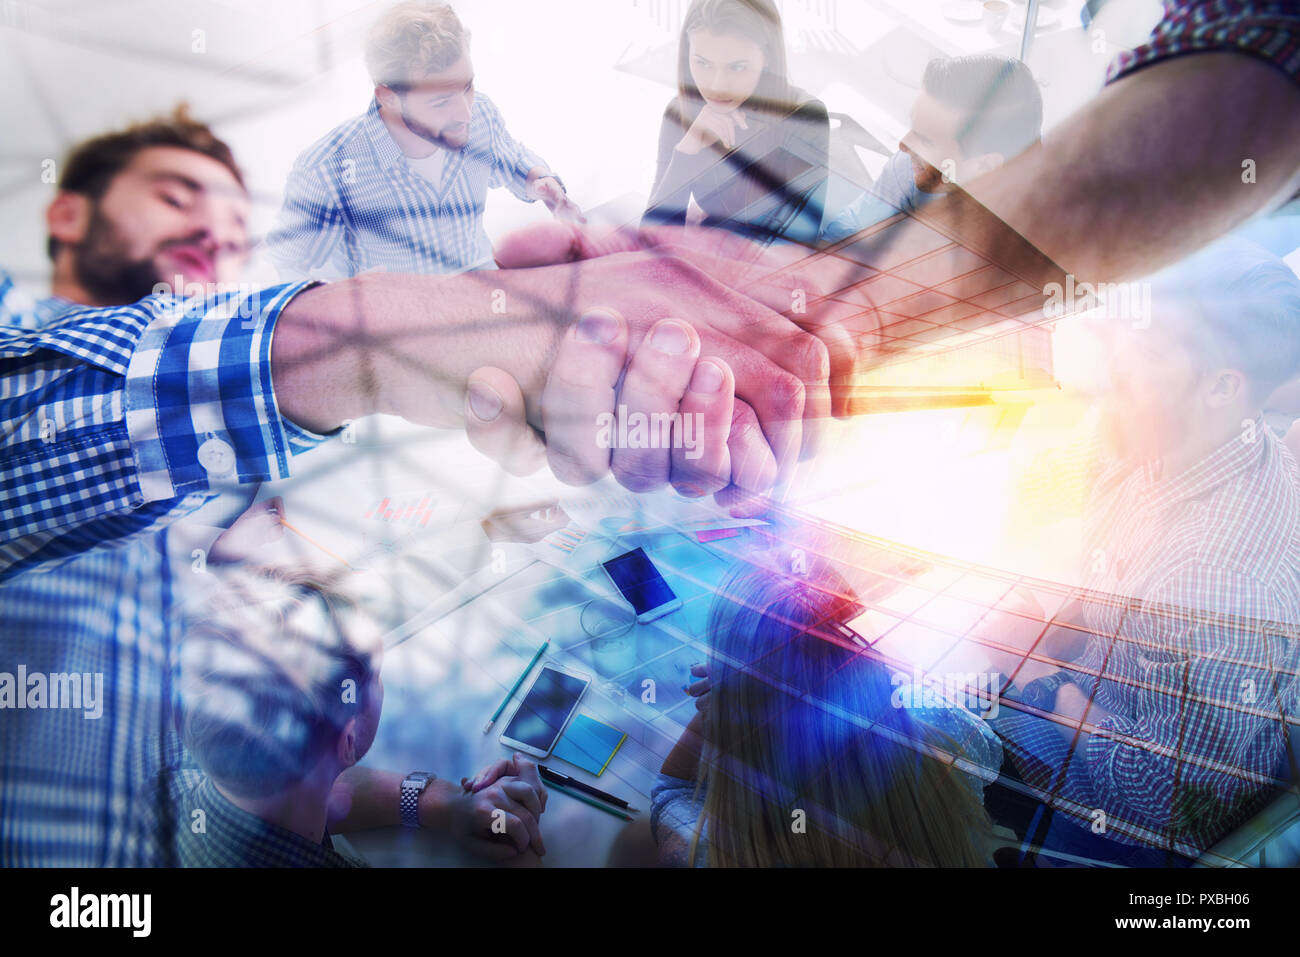 L'établissement de liaison de personne d'affaires dans des vêtements décontractés dans le bureau. concept d'équipe et partenariat. double exposition Photo Stock